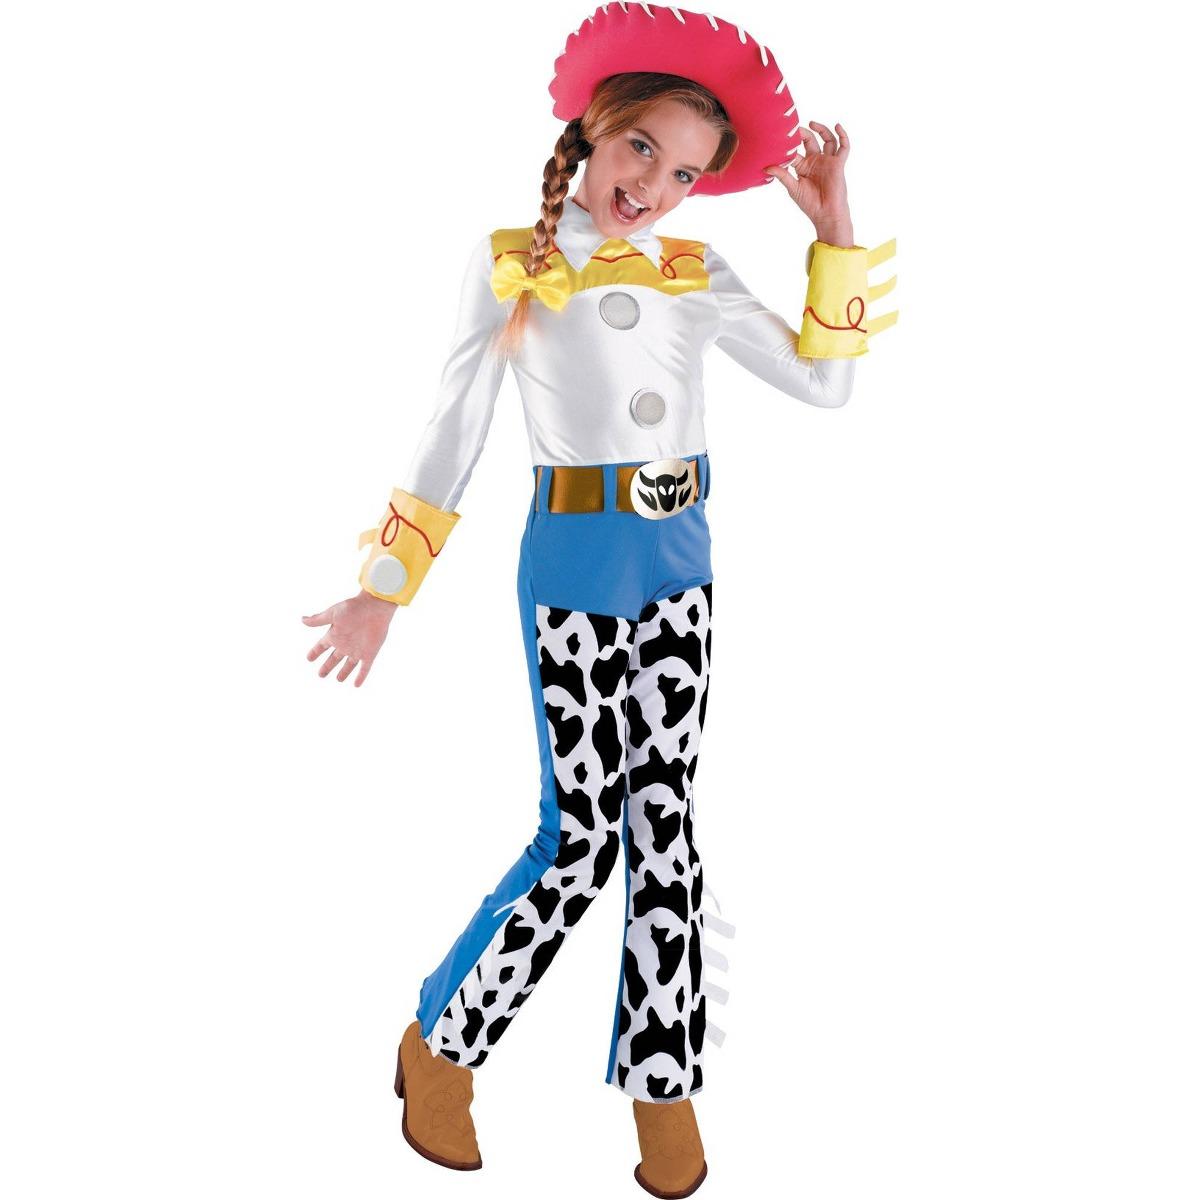 ece93d8a955a3 disfraz de jessie disney toy story de lujo p niños pequeños. Cargando zoom.